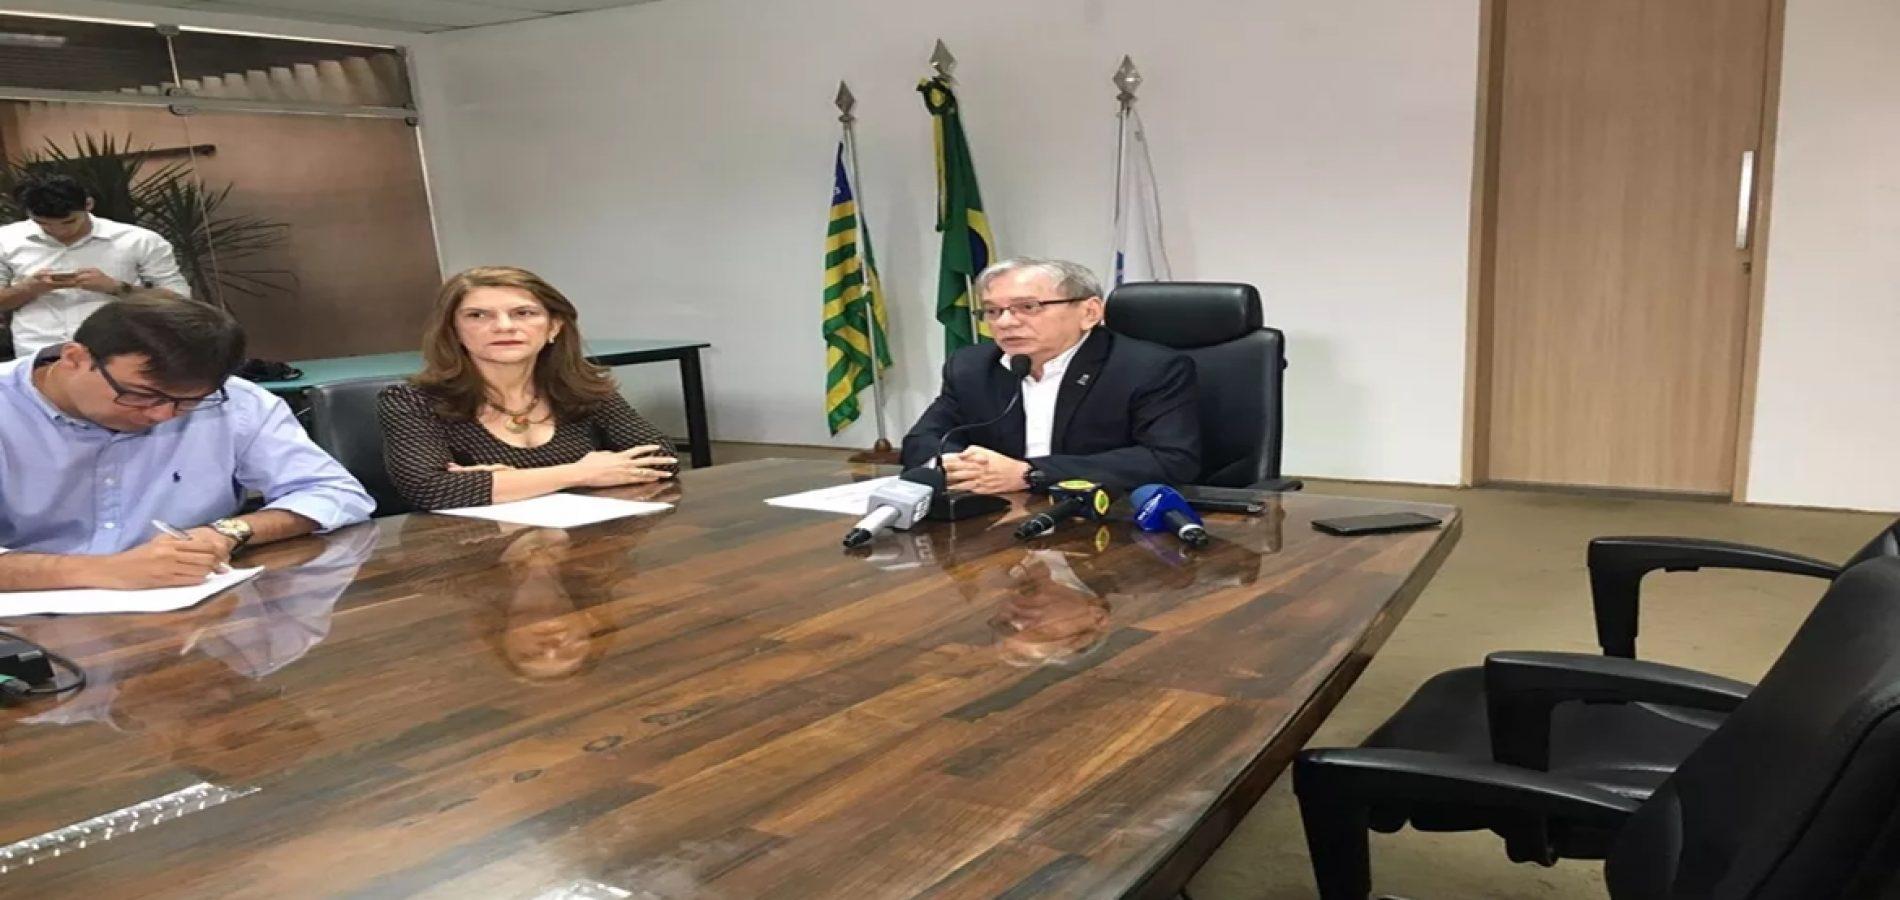 Com bloqueio de recursos, UFPI só funcionará até setembro, afirma reitor